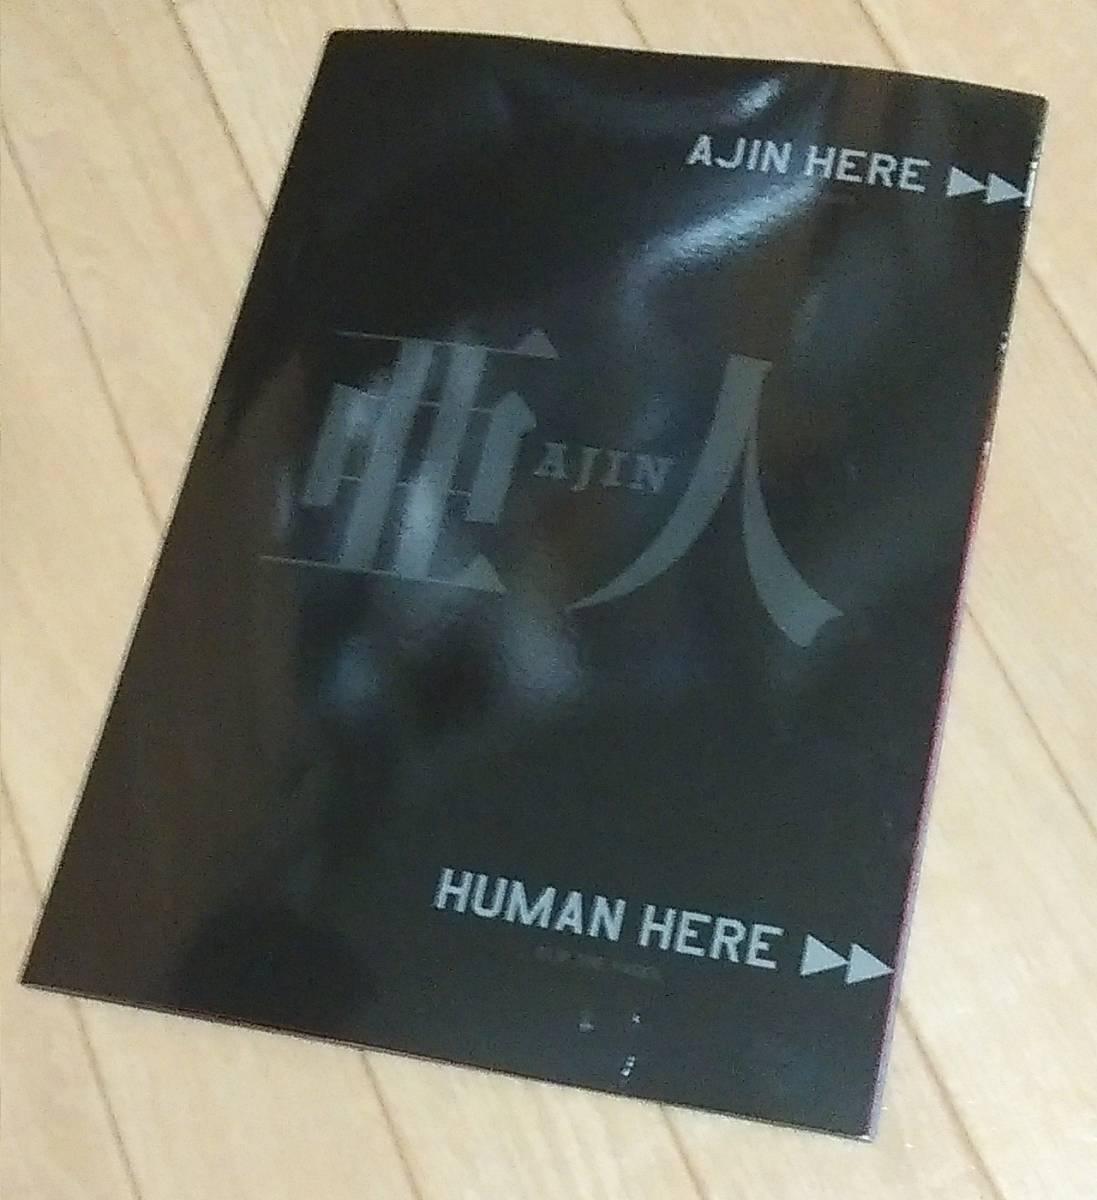 実写映画「亜人」佐藤健、綾野剛 マスコミ用パンフレット(プレス) グッズの画像